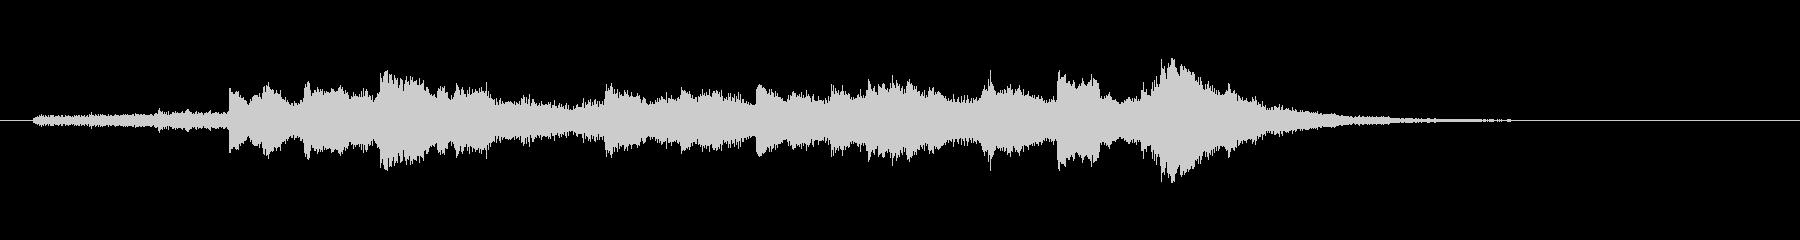 エレガント風キラキラ系サウンドロゴ02の未再生の波形